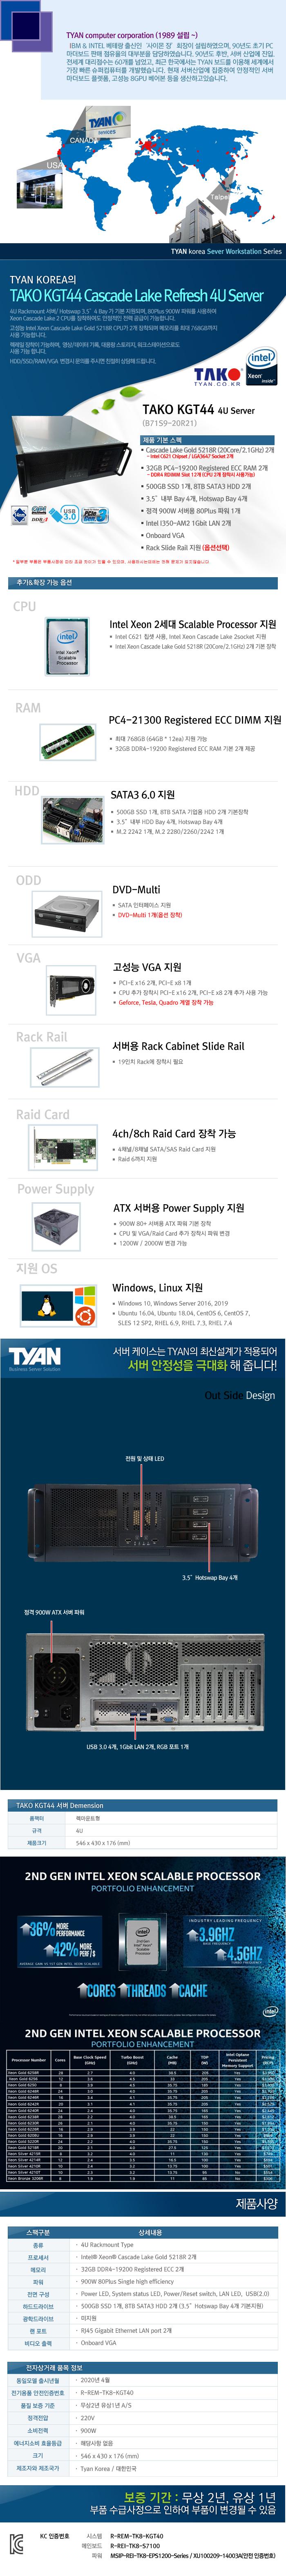 TYAN TAKO-KGT44-(B71S9-20R21) (64GB, SSD 500GB + 16TB)